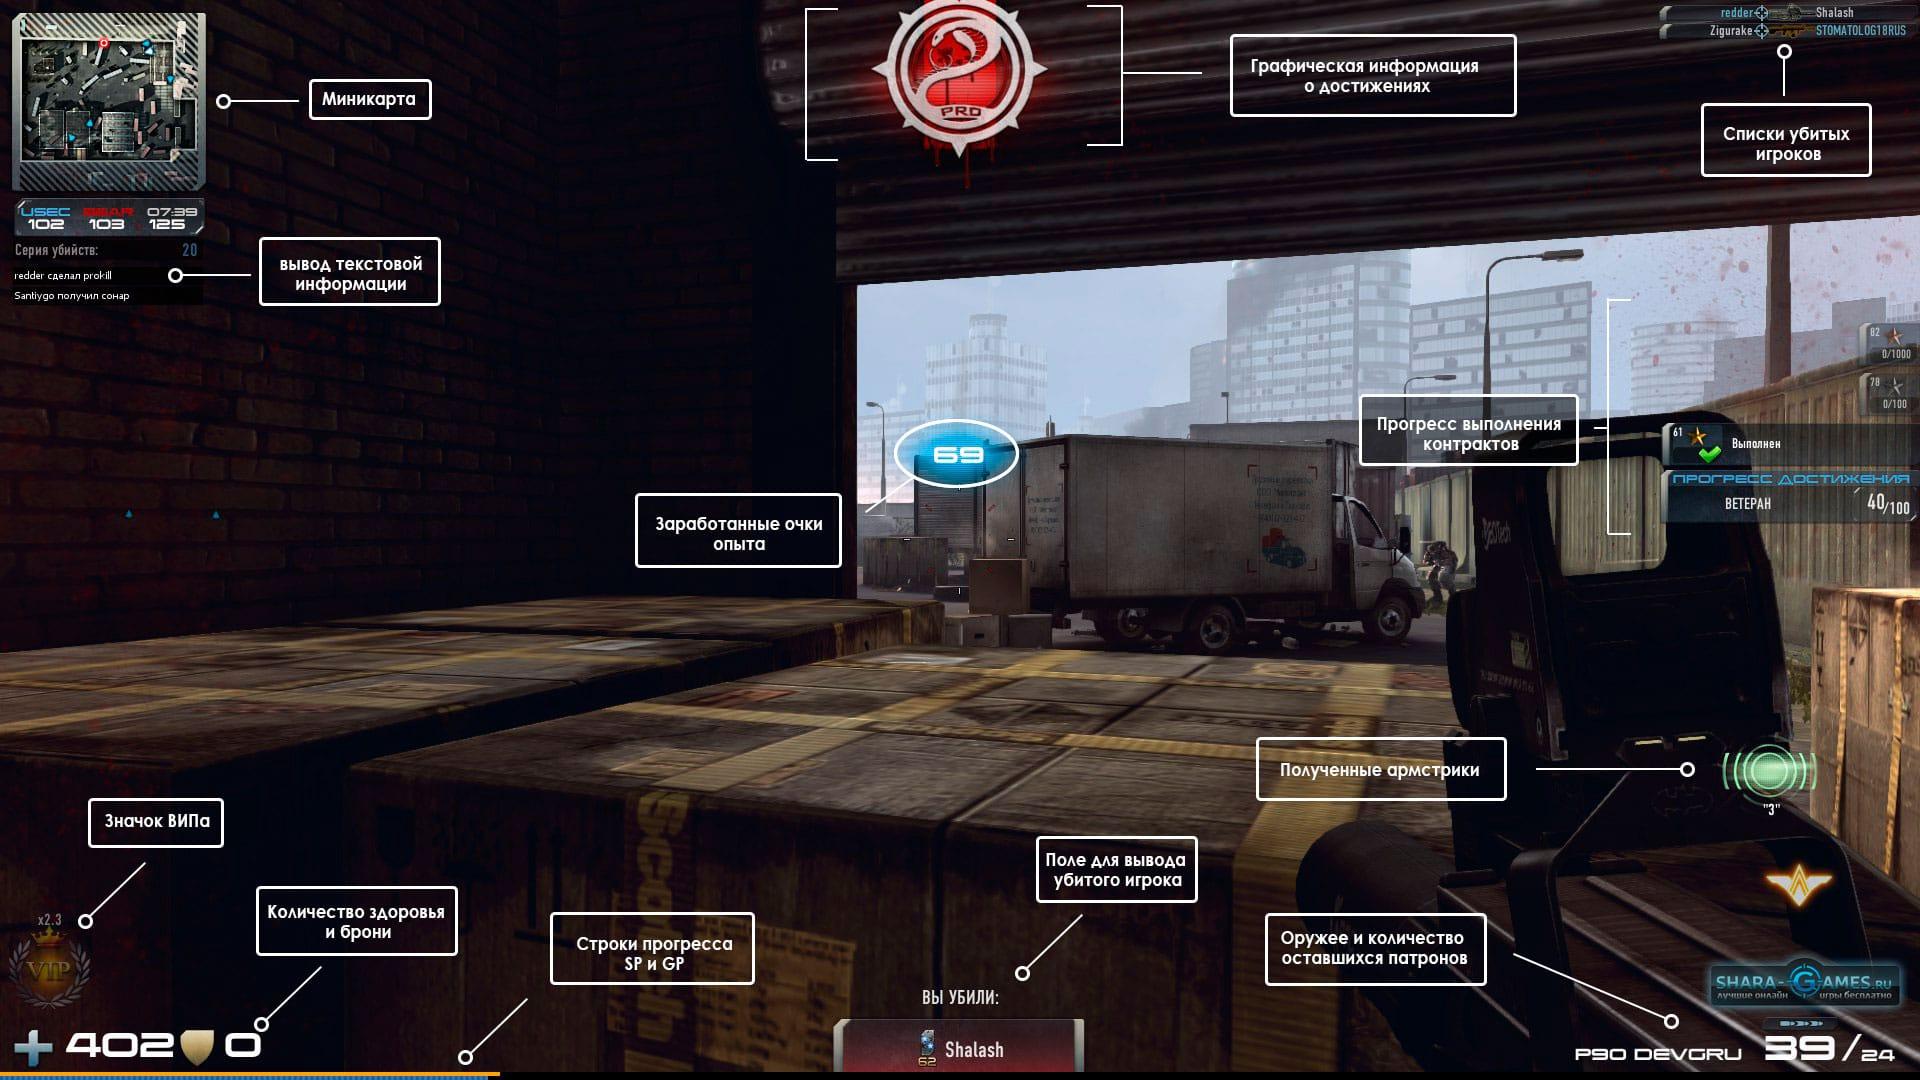 Интерфейс окна во время геймплея.